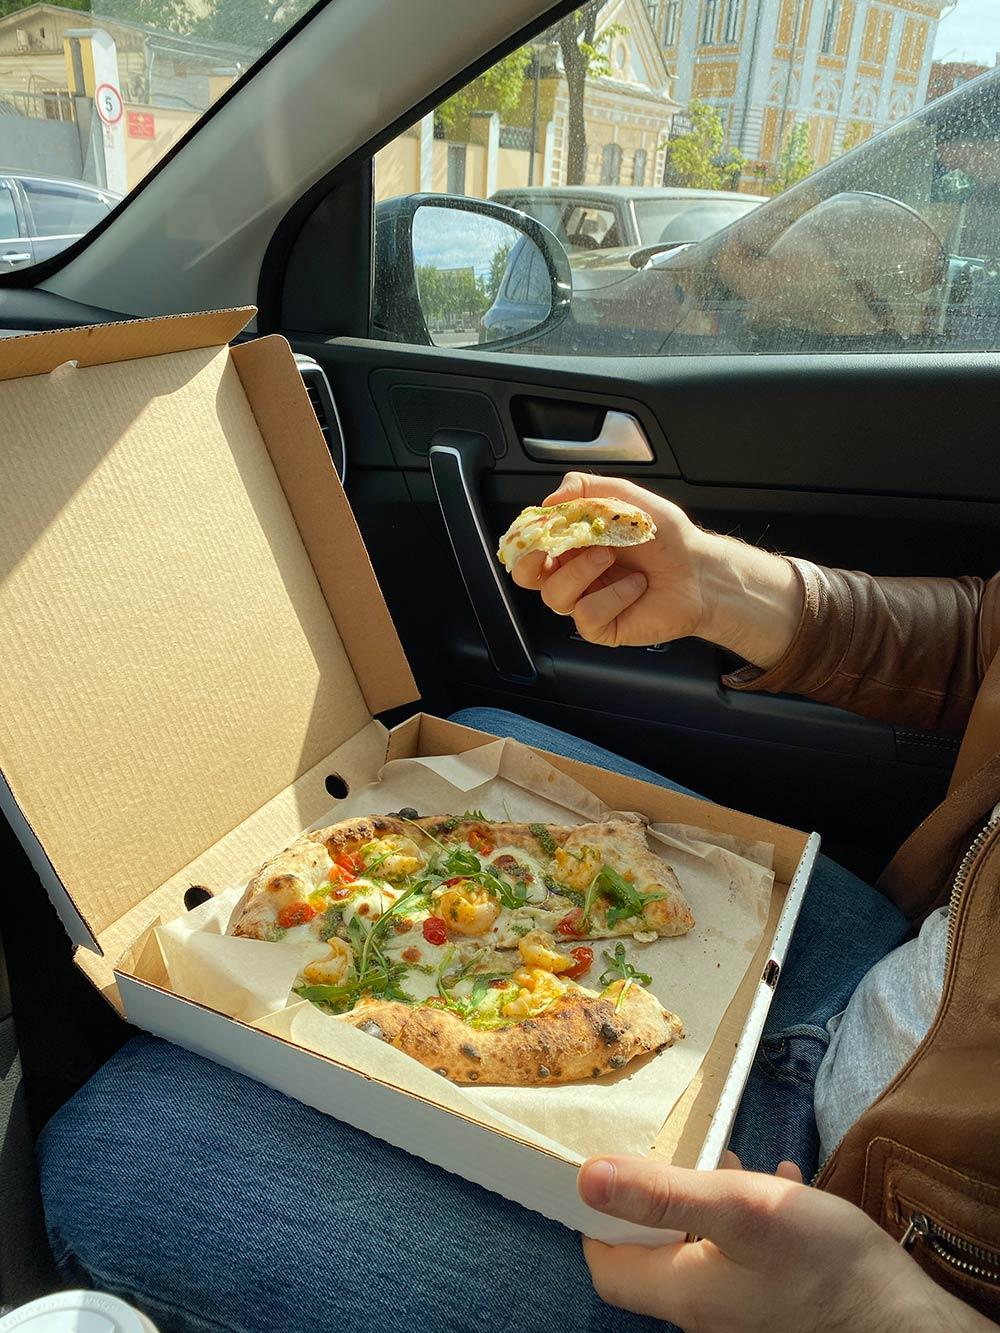 С мужем взяли пиццу в пиццерии Ptizza во время пандемии. Кафе работали навынос, но мы не успели доехать домой и ели пиццу прямо в машине. Рекомендую с креветками и мясную